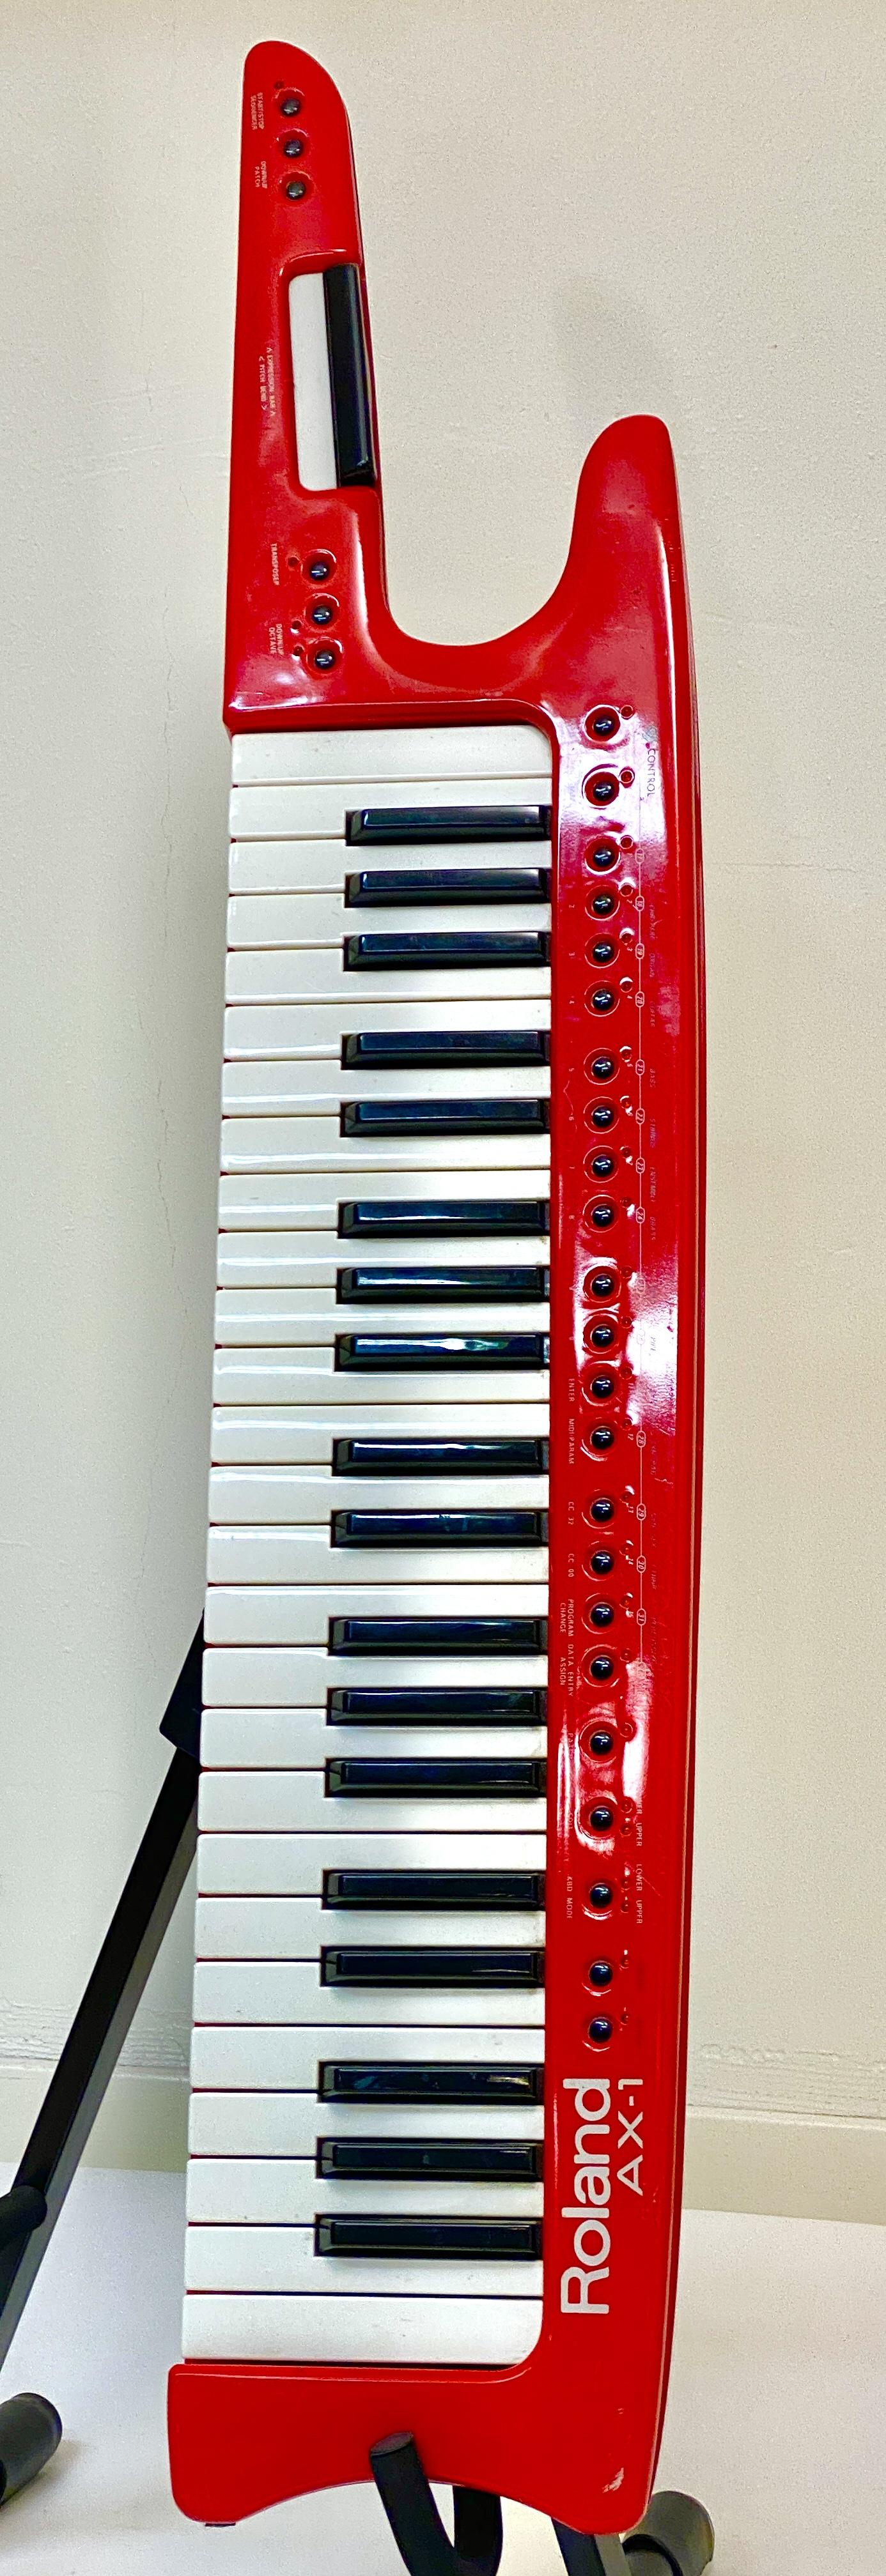 Keytar Roland AX-1